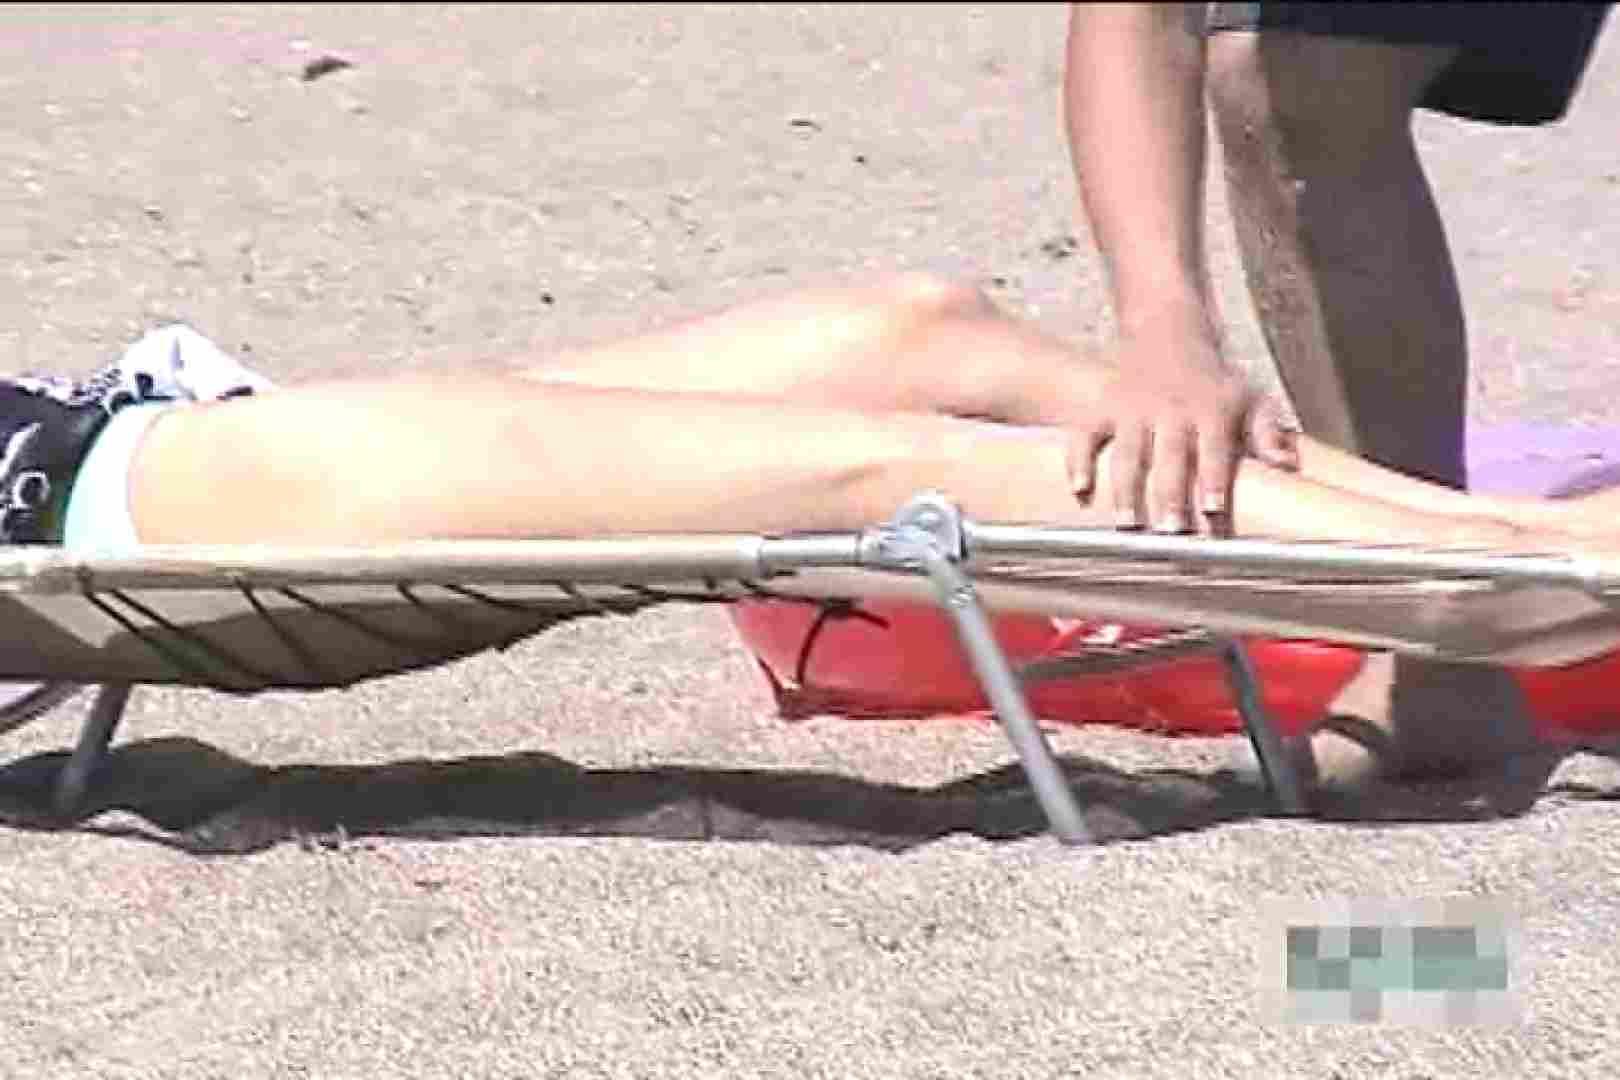 真夏のビーチは危険地帯Vol.2 S級美女ギャル  98画像 10